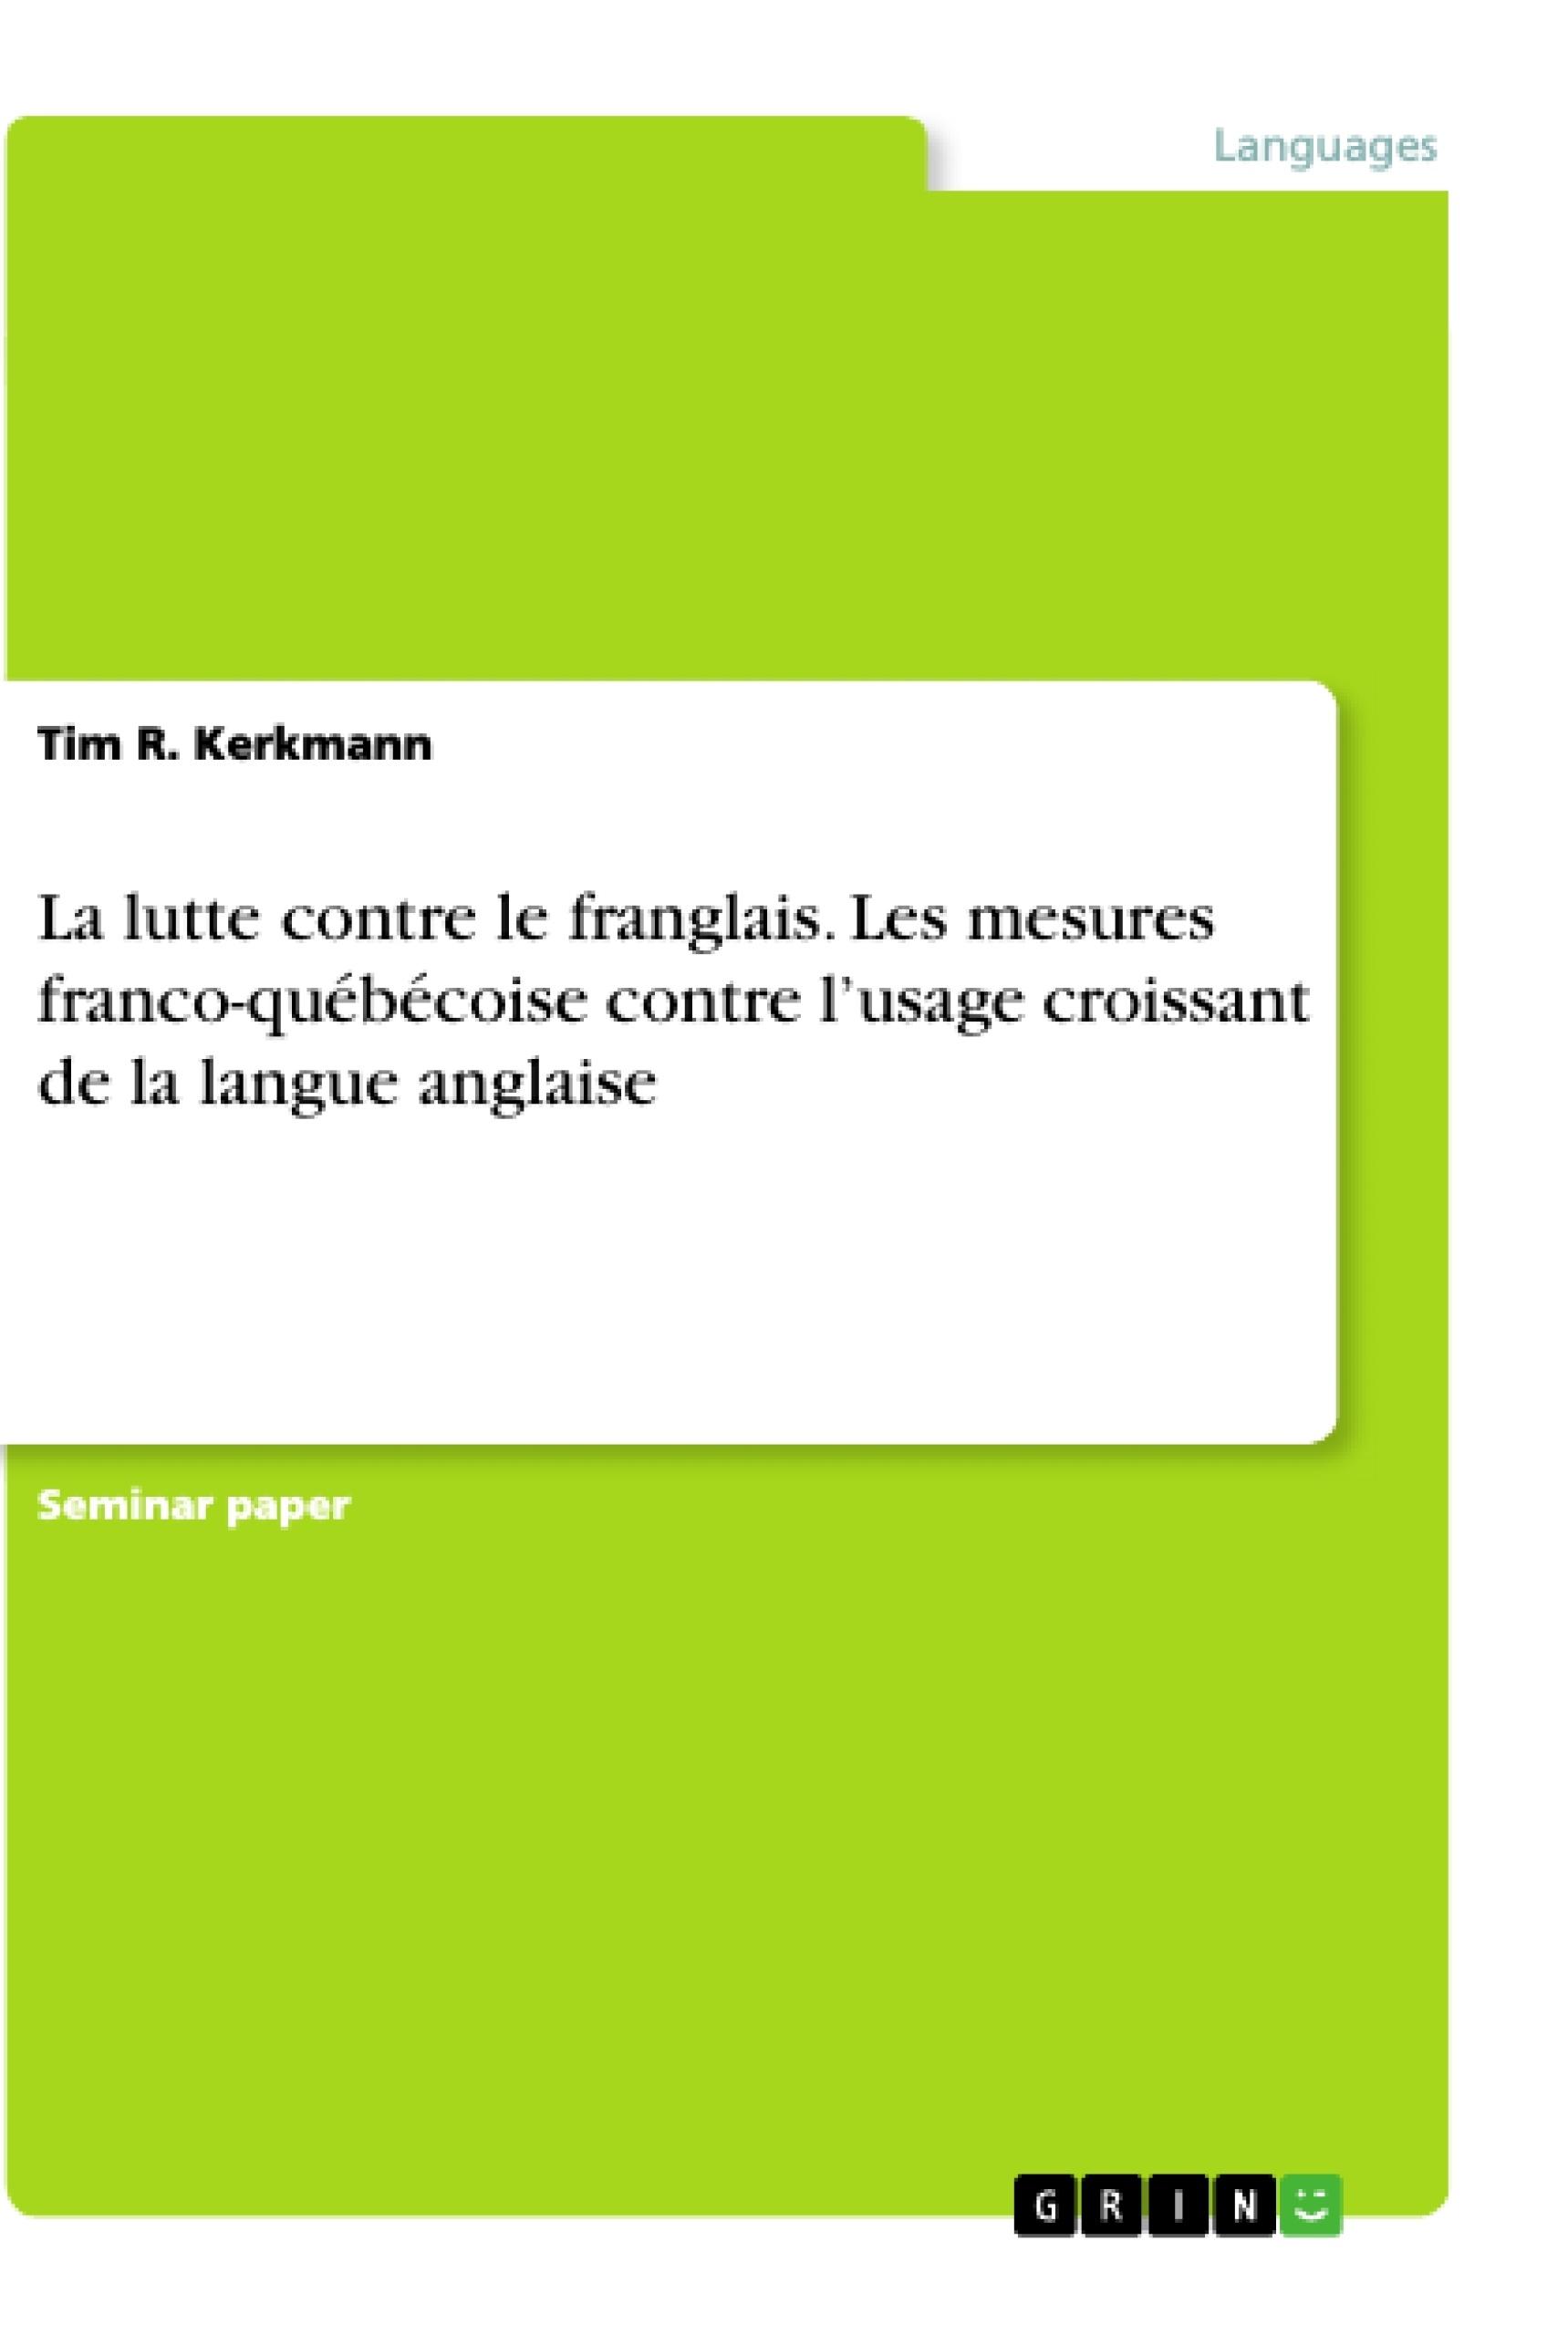 Titre: La lutte contre le franglais. Les mesures franco-québécoise contre l'usage croissant de la langue anglaise